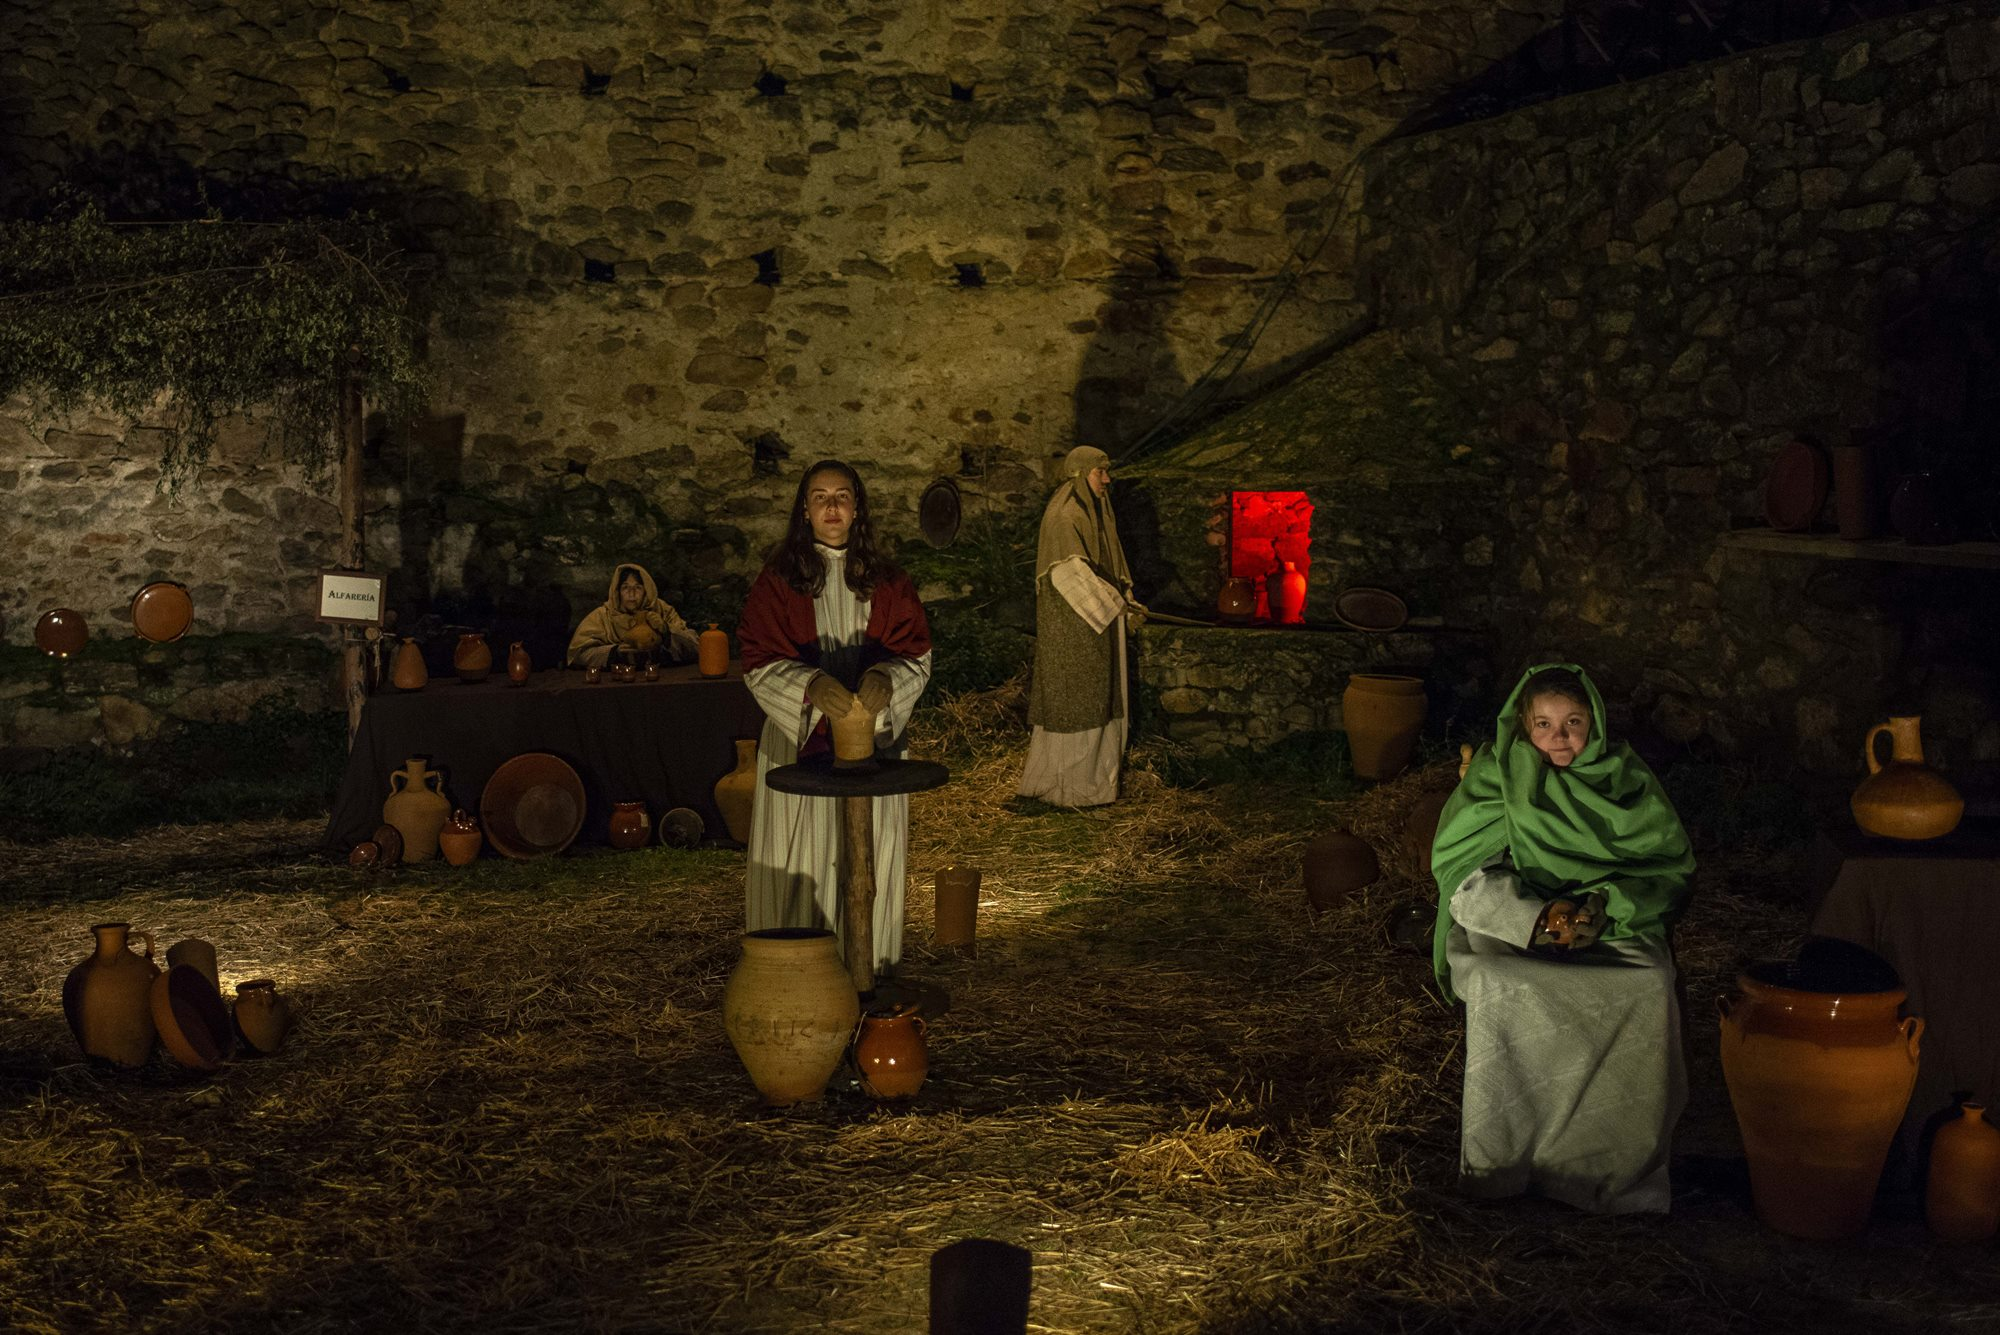 Los belenes vivientes, y sus alfareros cuentan con una tradición de varias décadas en la región.